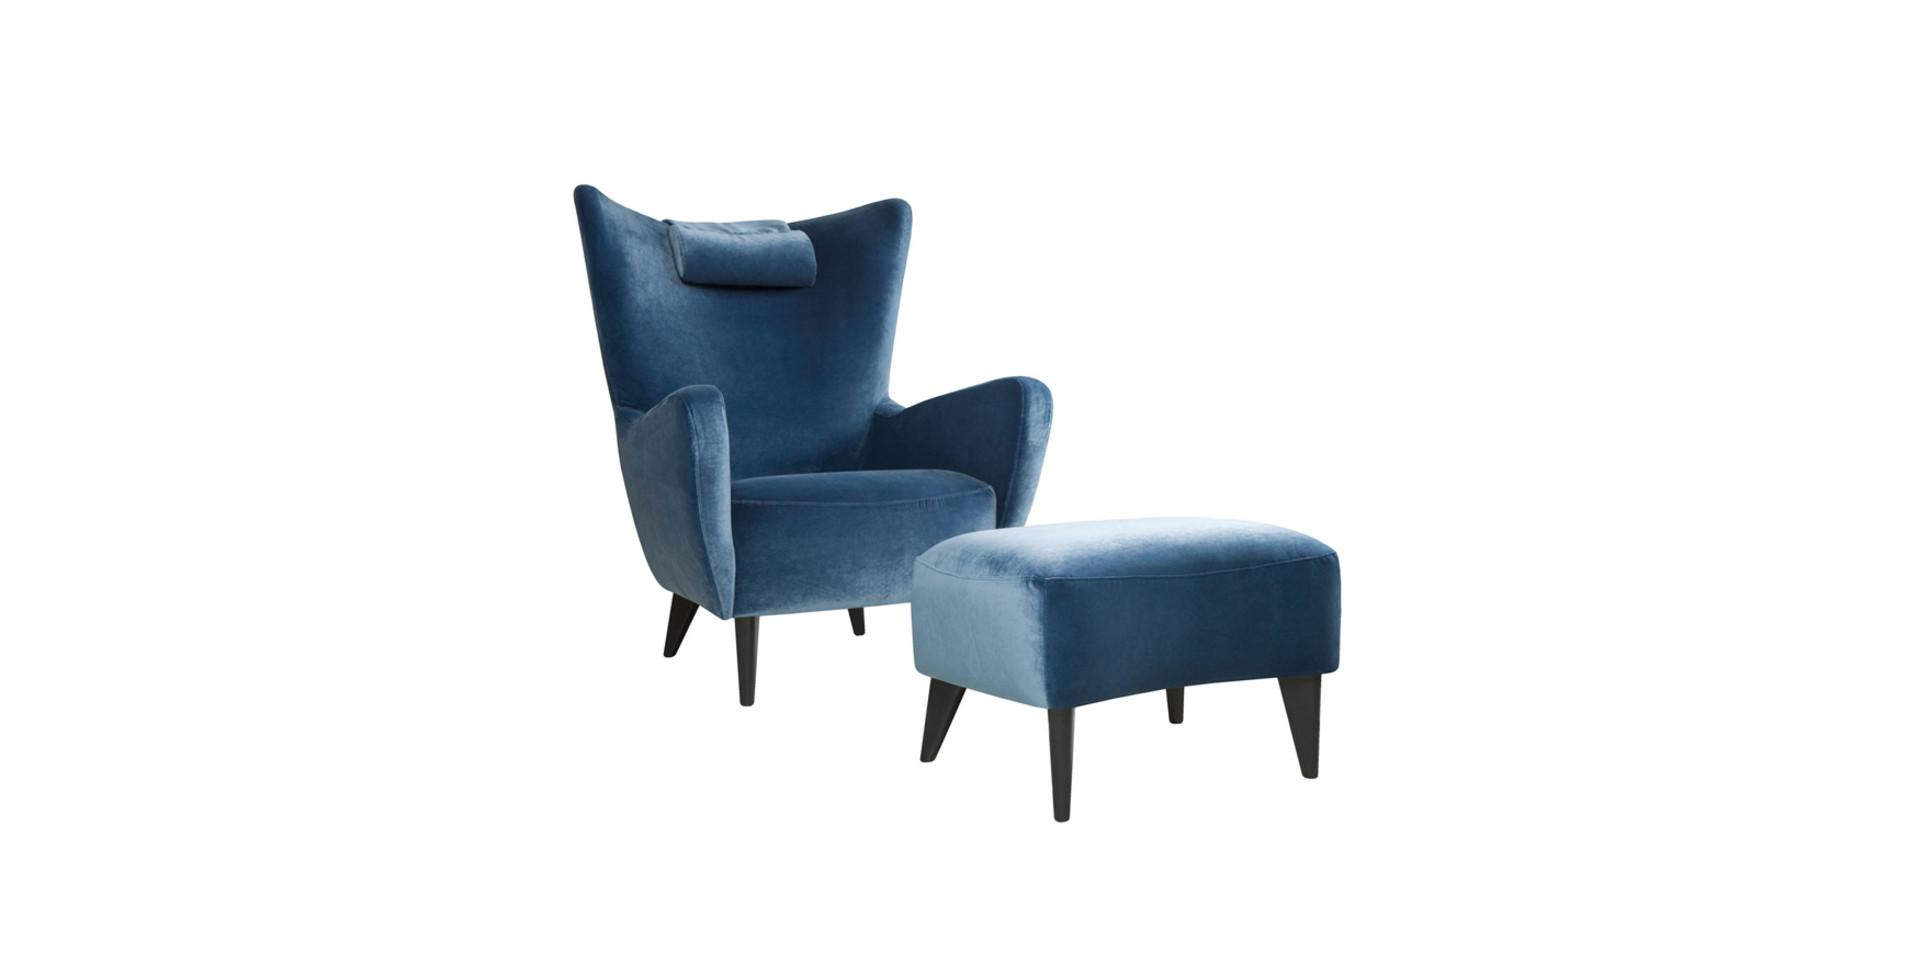 Fotel ELSA z kolekcj Cocktail & Design marki SITS